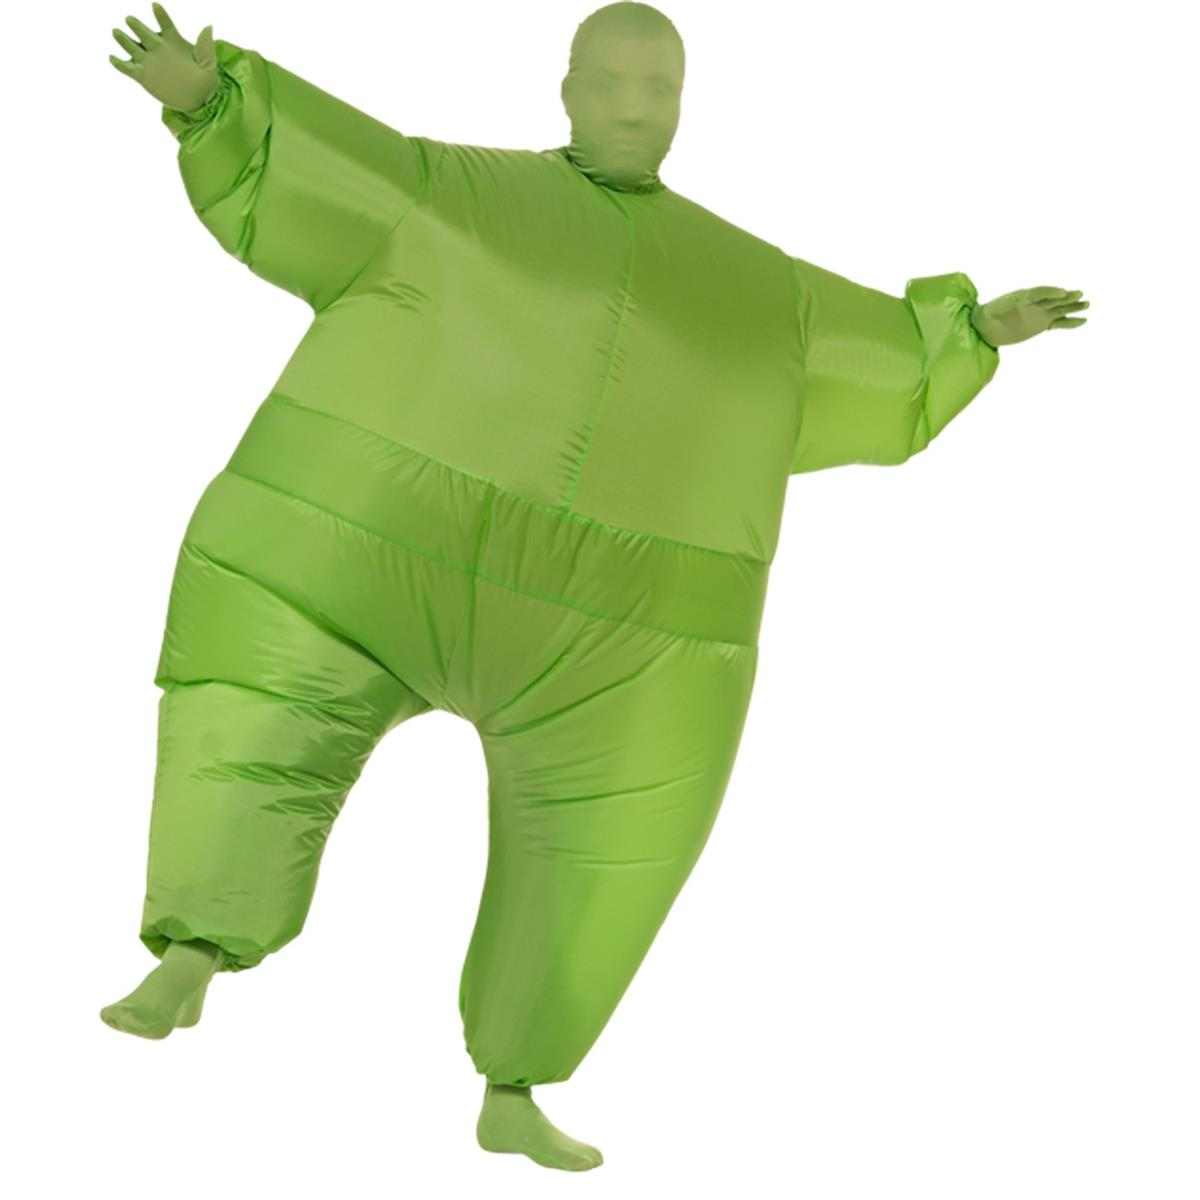 ハロウィン 全身タイツ ボディスーツ ボディーストッキング 膨らむグリーンスーツ 大人用 コスチューム